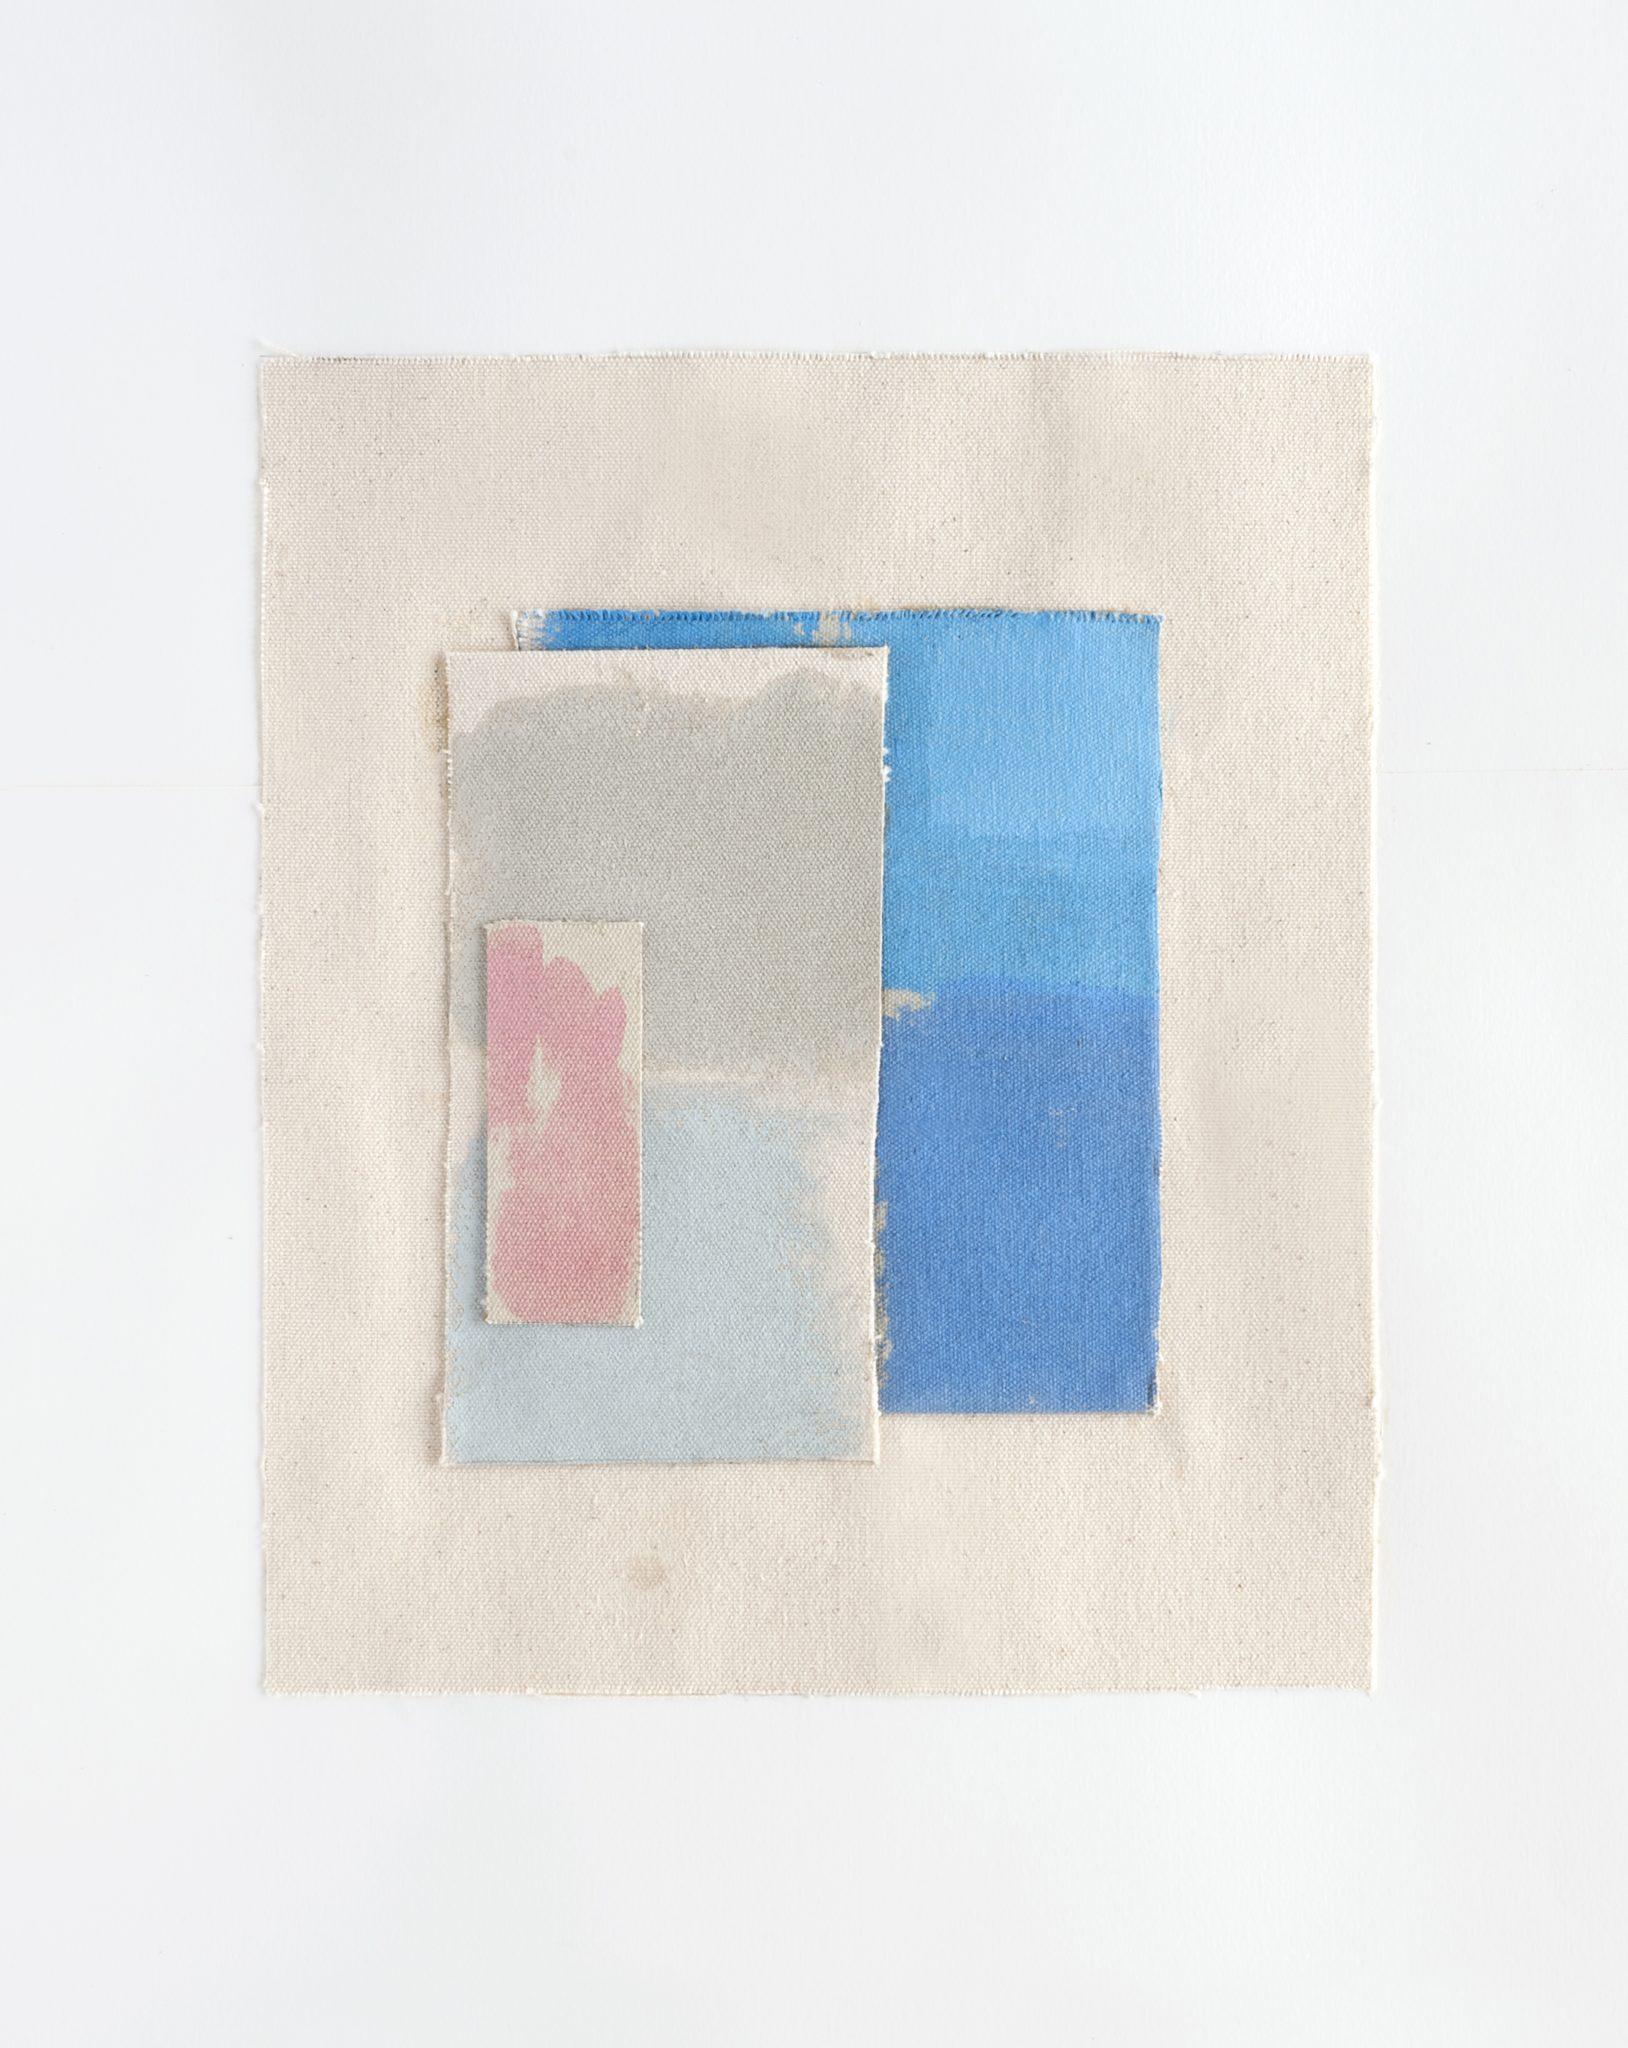 Peter Joseph Study November 2017, Acrylique sur toiles, 43,5 x 33 cm _7215